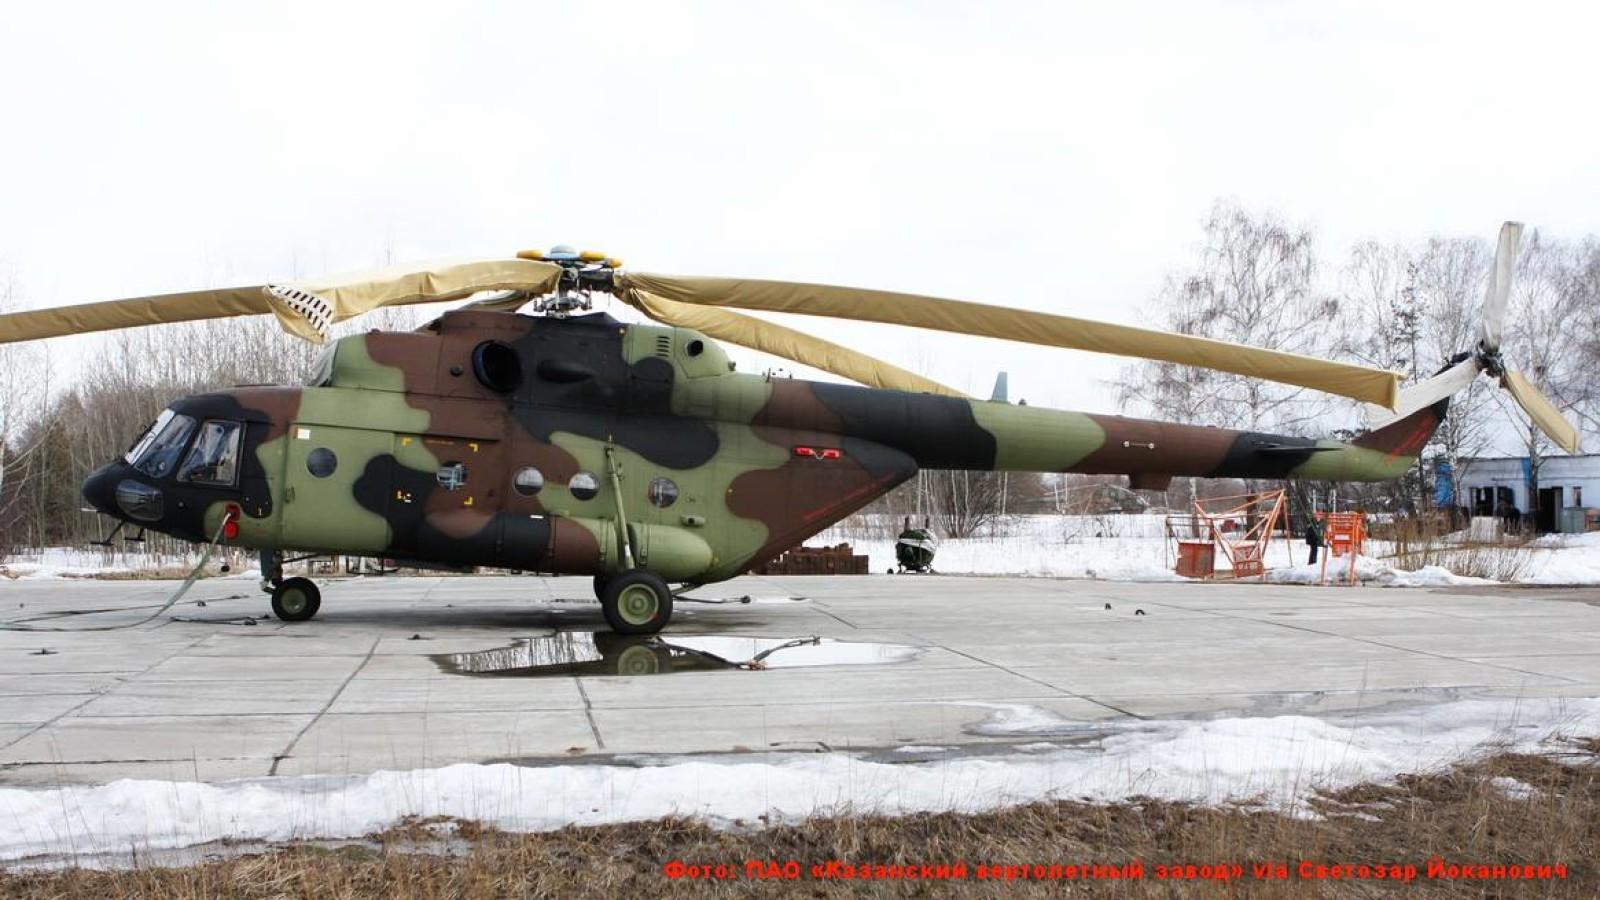 Analiza: Šta od opreme poseduju novi srpski Mi-17V-5